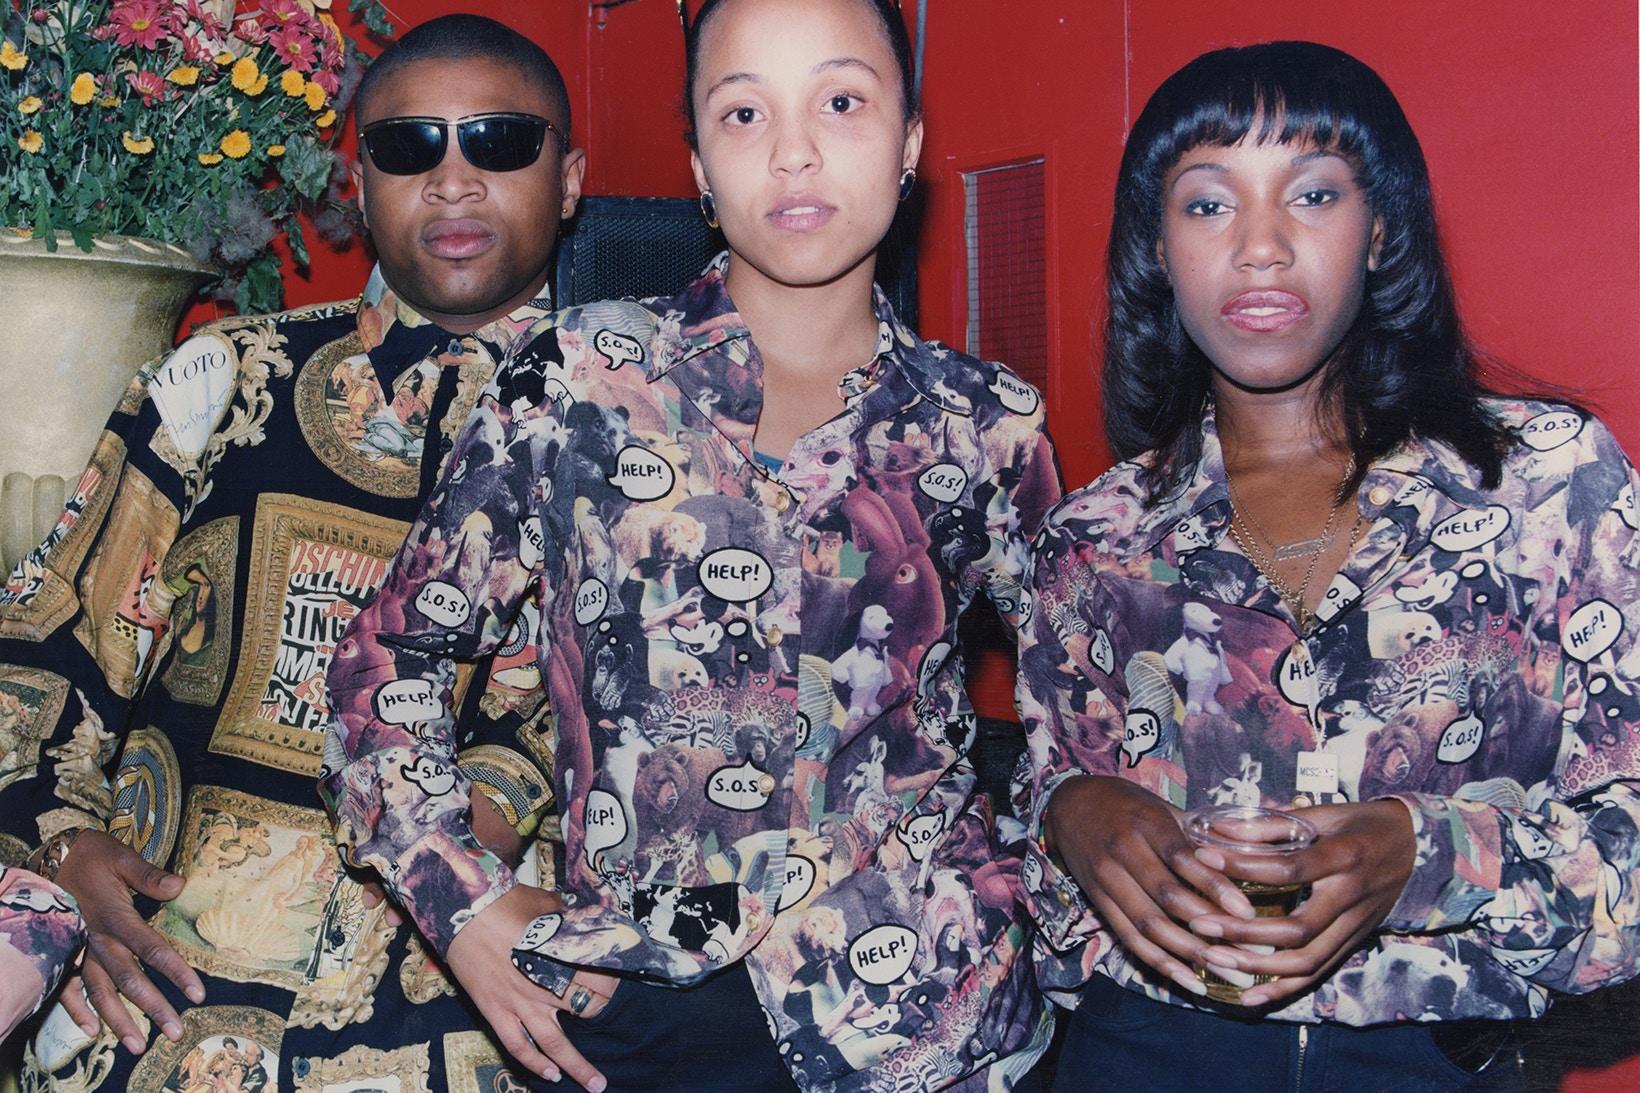 Thời trang Ý trở thành bộ mặt đại diện cho làn sóng văn hoá Rave như thế nào? 1